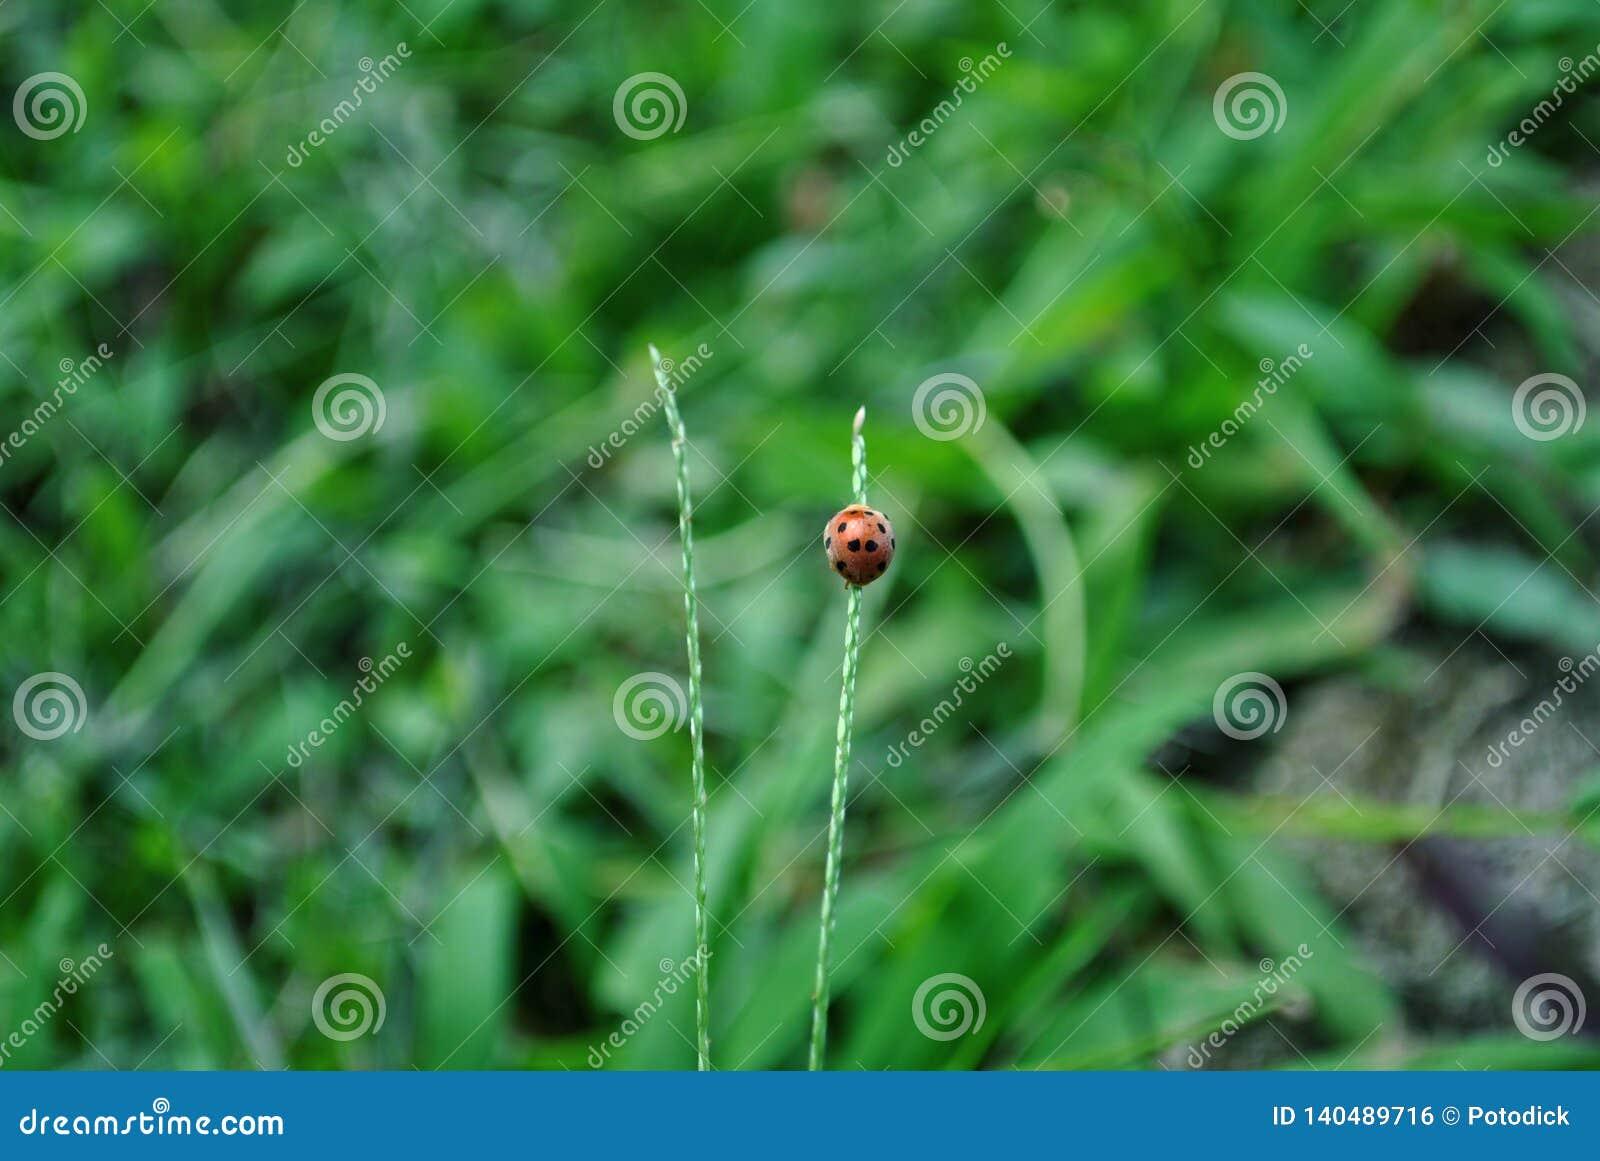 Το Ladybugs είναι έντομα στην Ιάβα